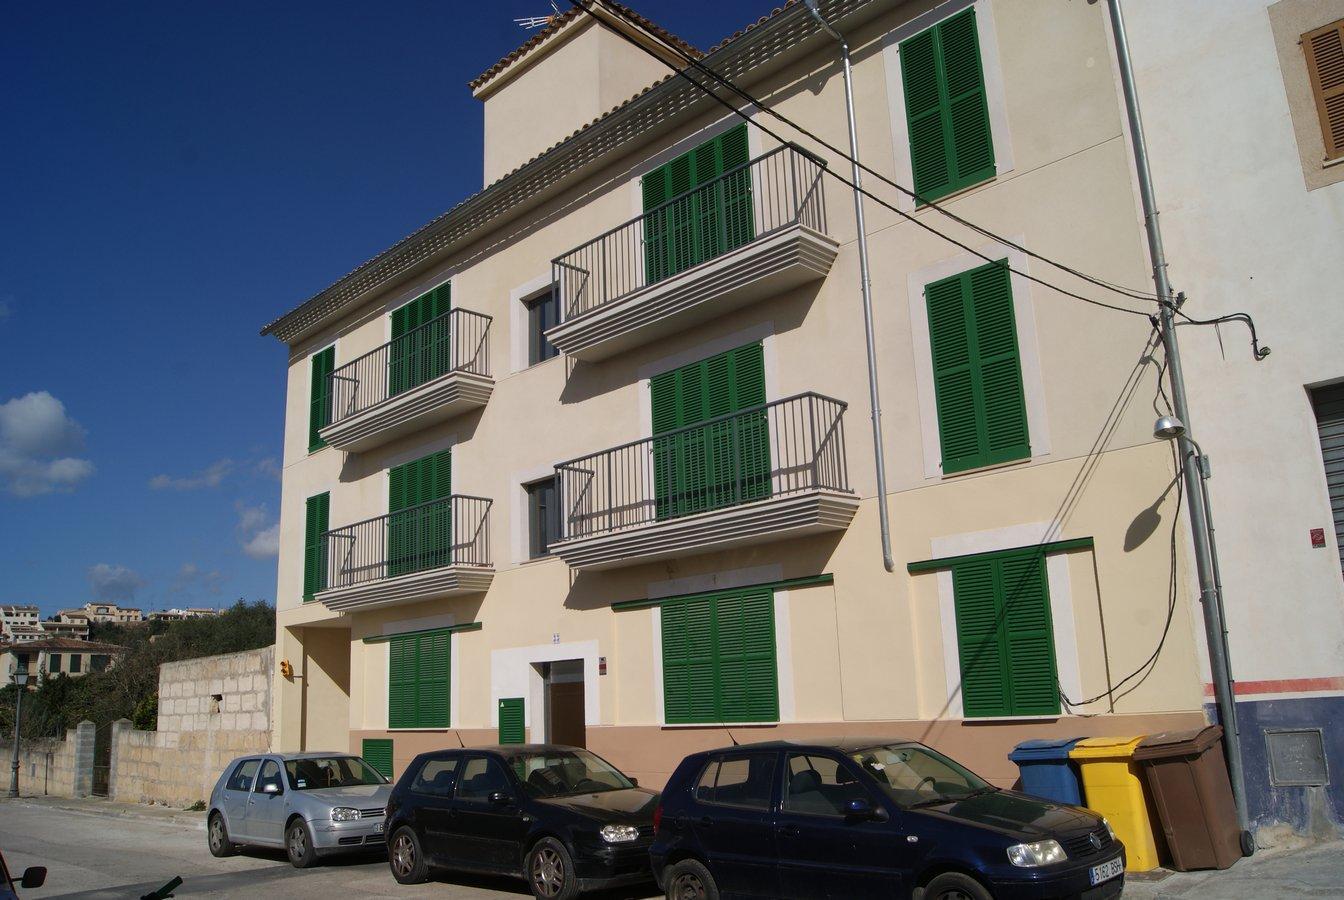 Flat  Calle carrer santa catalina tomás. Excelente piso de nueva promoción, a estrenar, situado en segund